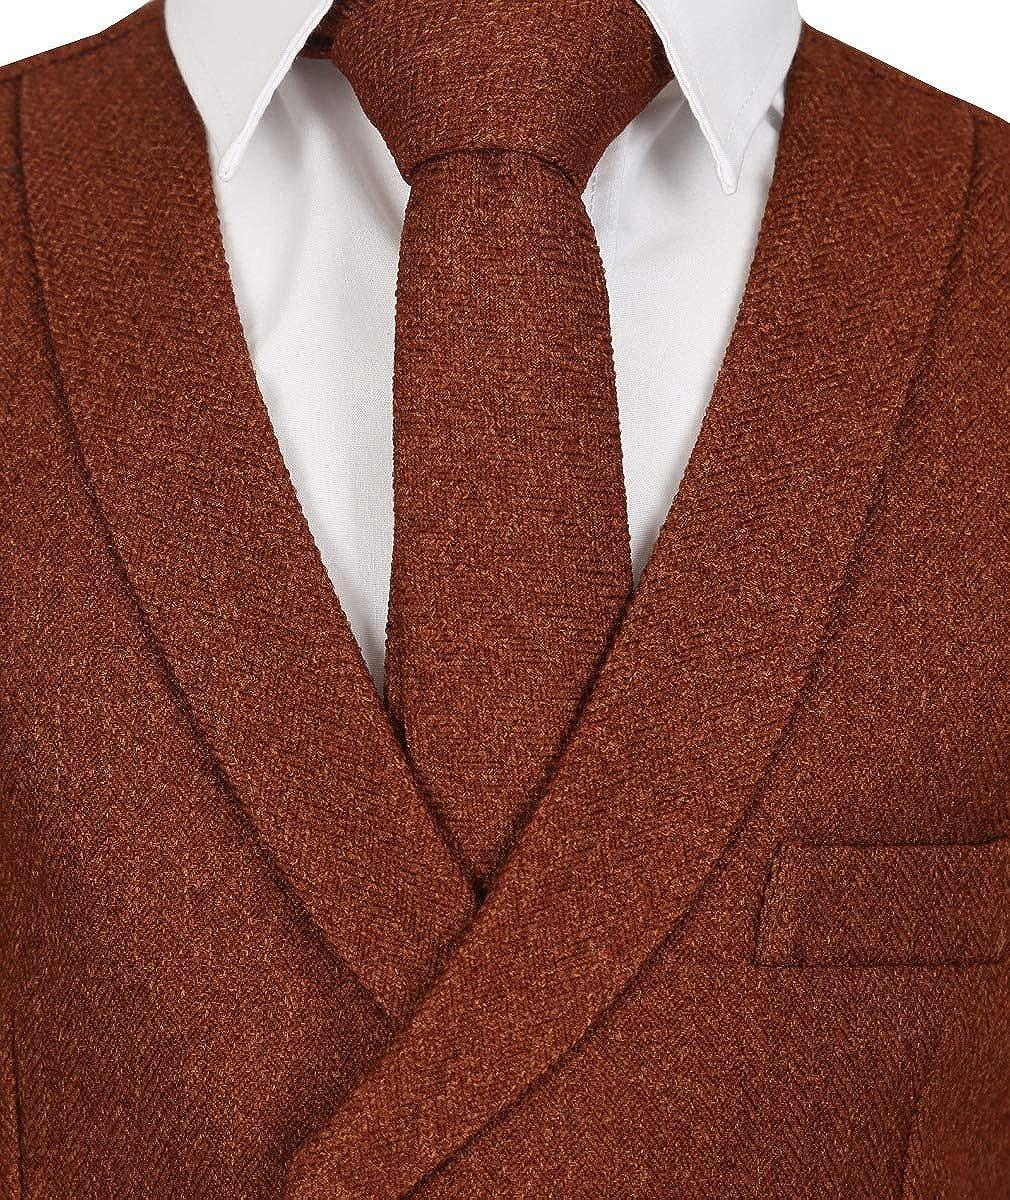 Mens Boys Double Breasted Herringbone Tweed Waistcoat and Tie Set